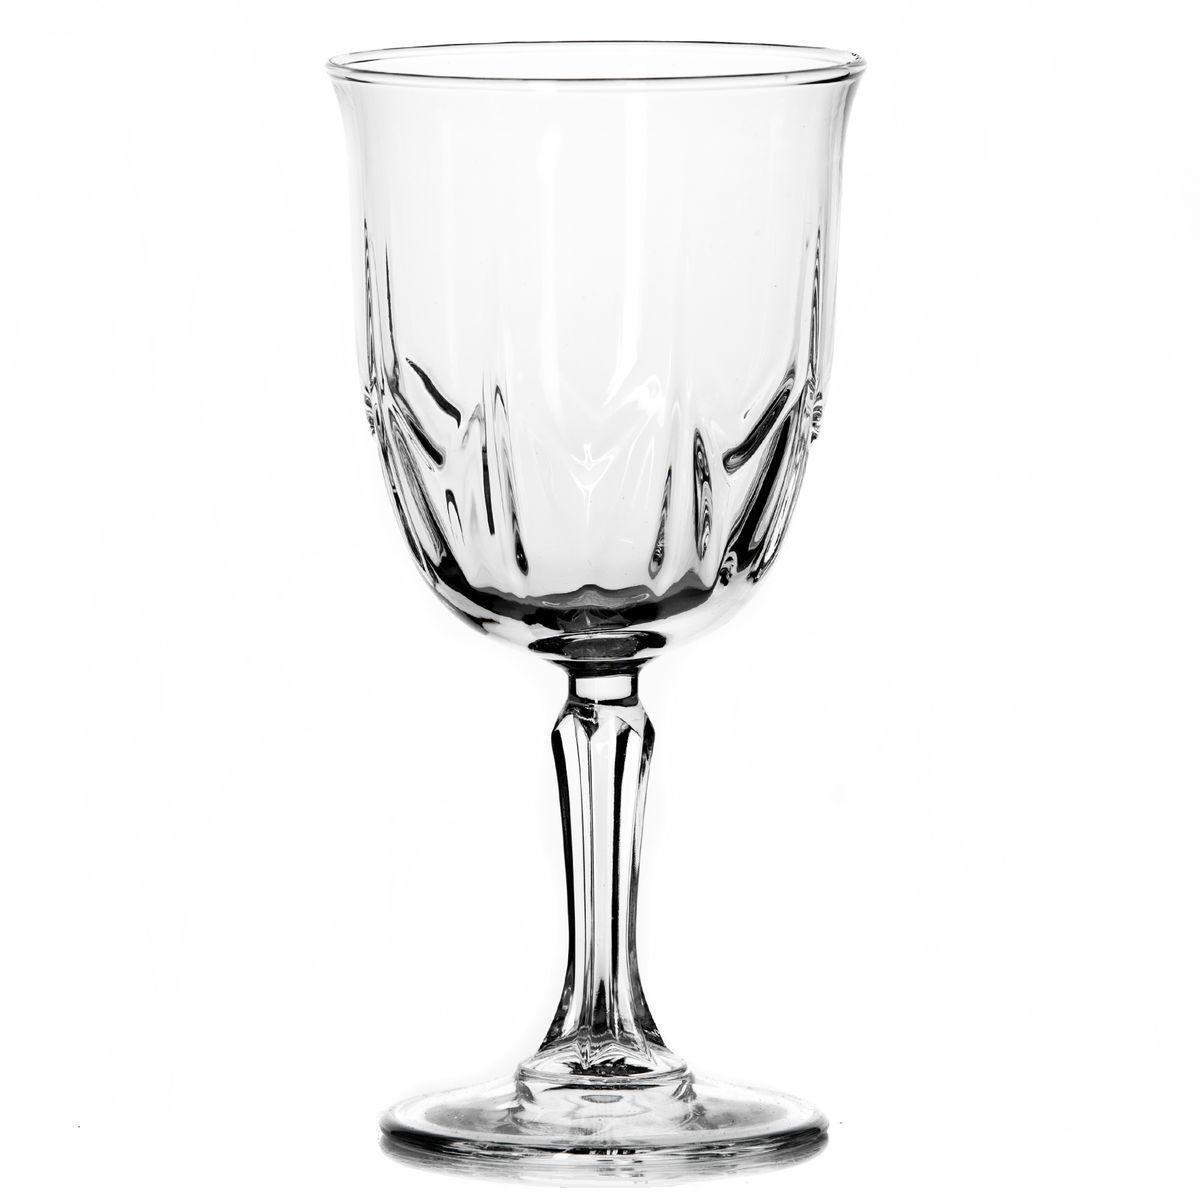 Набор бокалов для вина Pasabahce Karat 415 мл, 6 шт (440149/6)